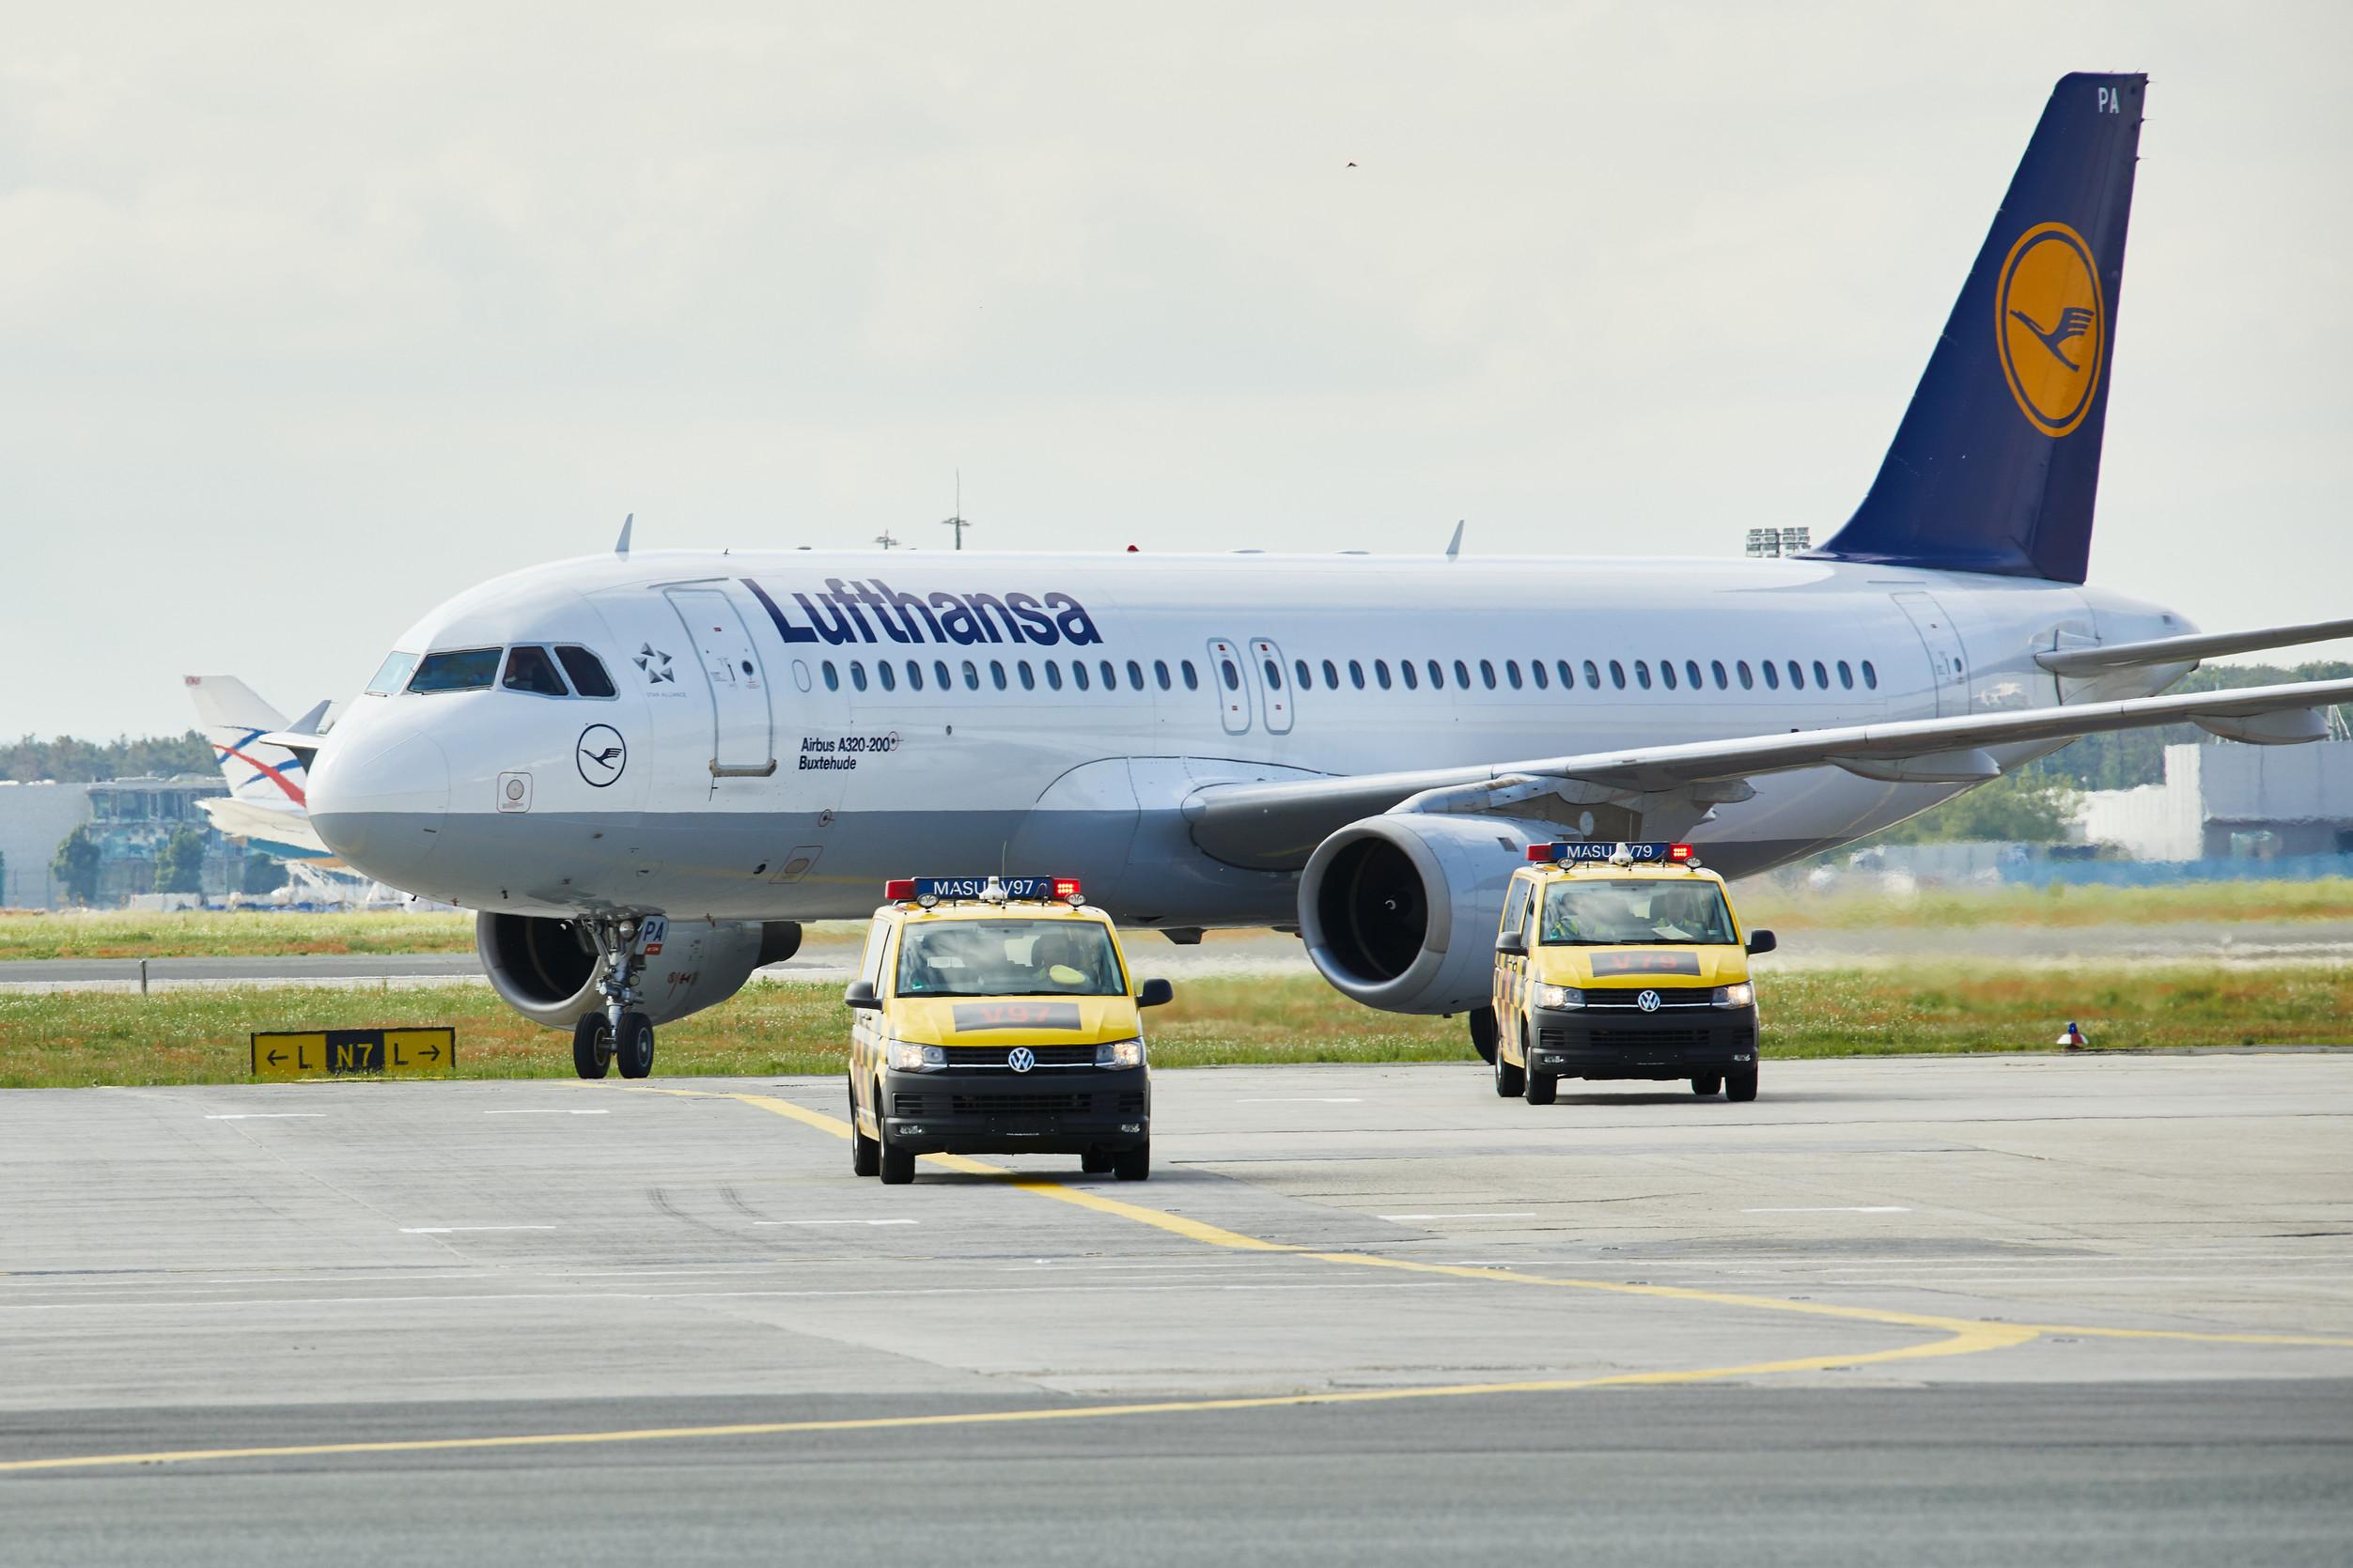 Airbus A320-200 fra Lufthansa. (Foto: Lufthansa | PR)